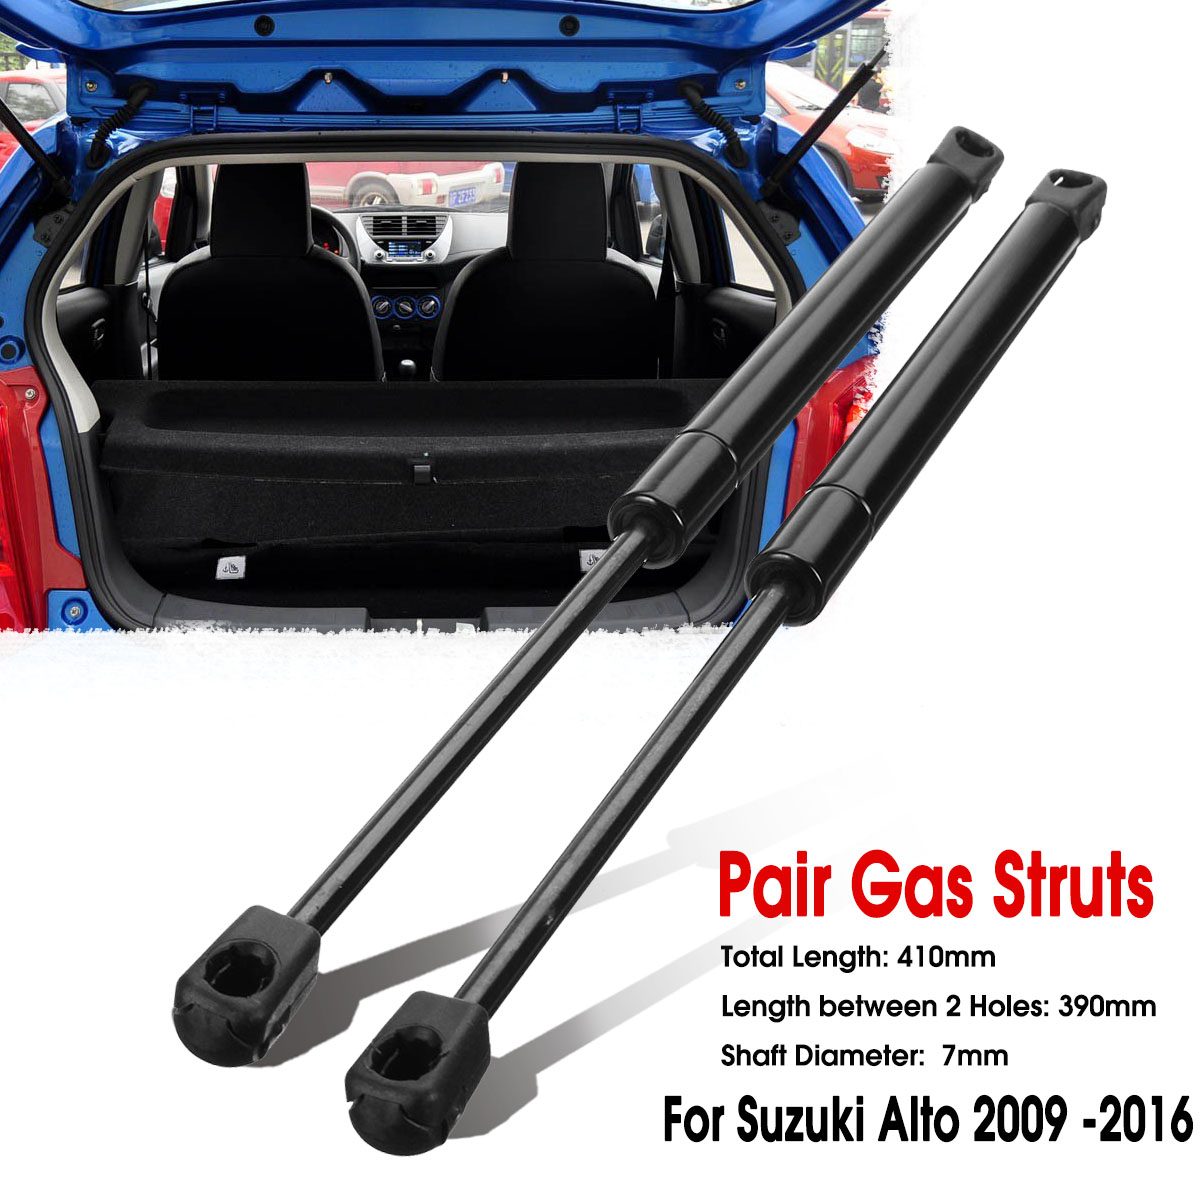 2pcs 스즈키 알토 HA25 HA35 용 자동차 뒷문 뒷문 가스 리프트 서포트 스트럿 바 2009 2010 2011 2012 2013 2014 2015 2016